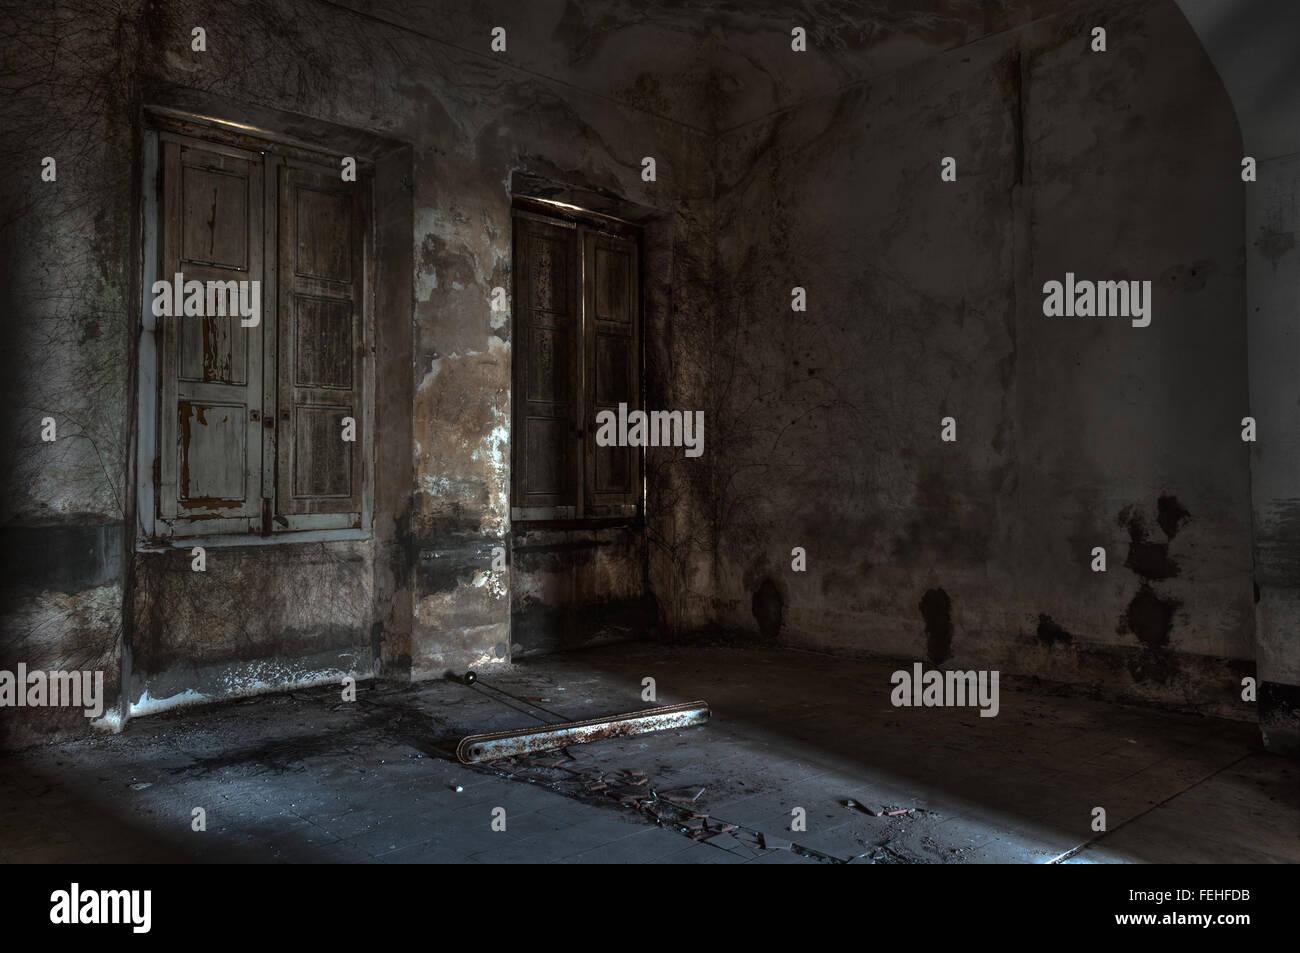 Scene Of Abandoned Asylum Stock Photo Alamy